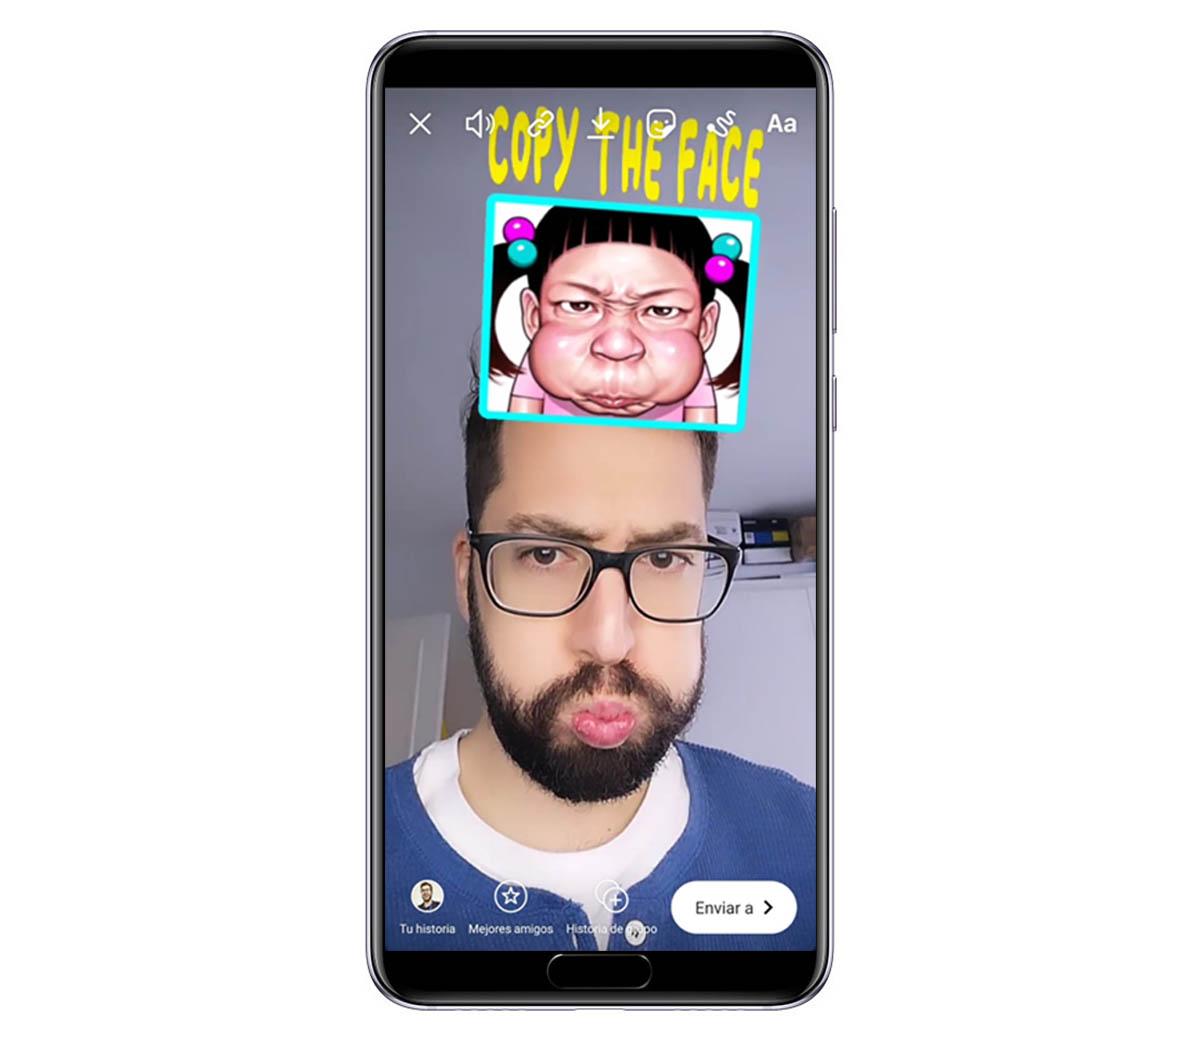 Este es el filtro Ugly Face Challenge que está triunfando en Instagram Stories